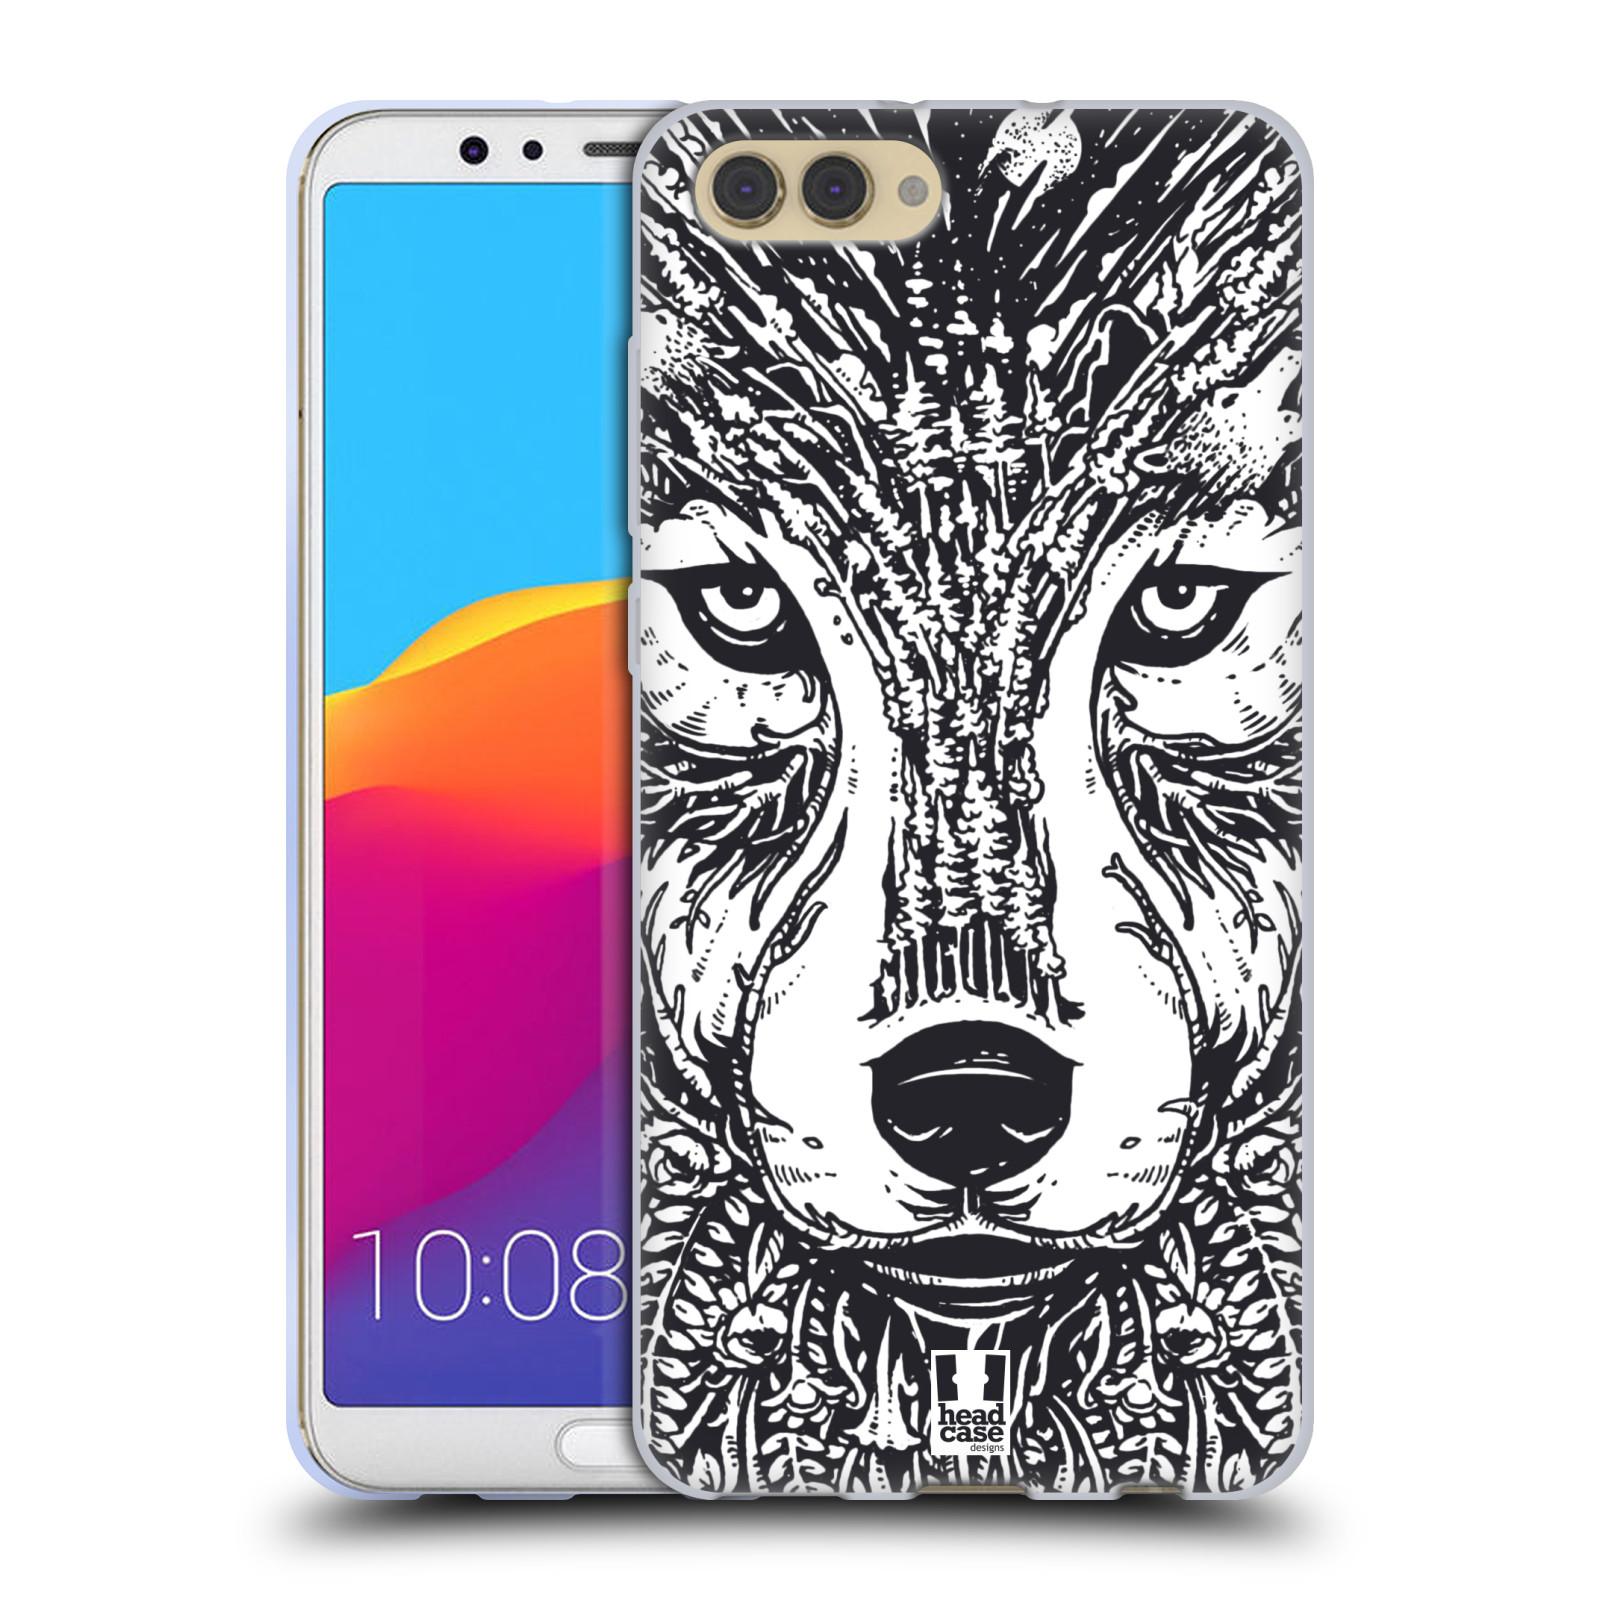 Silikonové pouzdro na mobil Honor View 10 - Head Case - DOODLE TVÁŘ VLK (Silikonový kryt či obal na mobilní telefon Honor View 10 s motivem DOODLE TVÁŘ VLK)